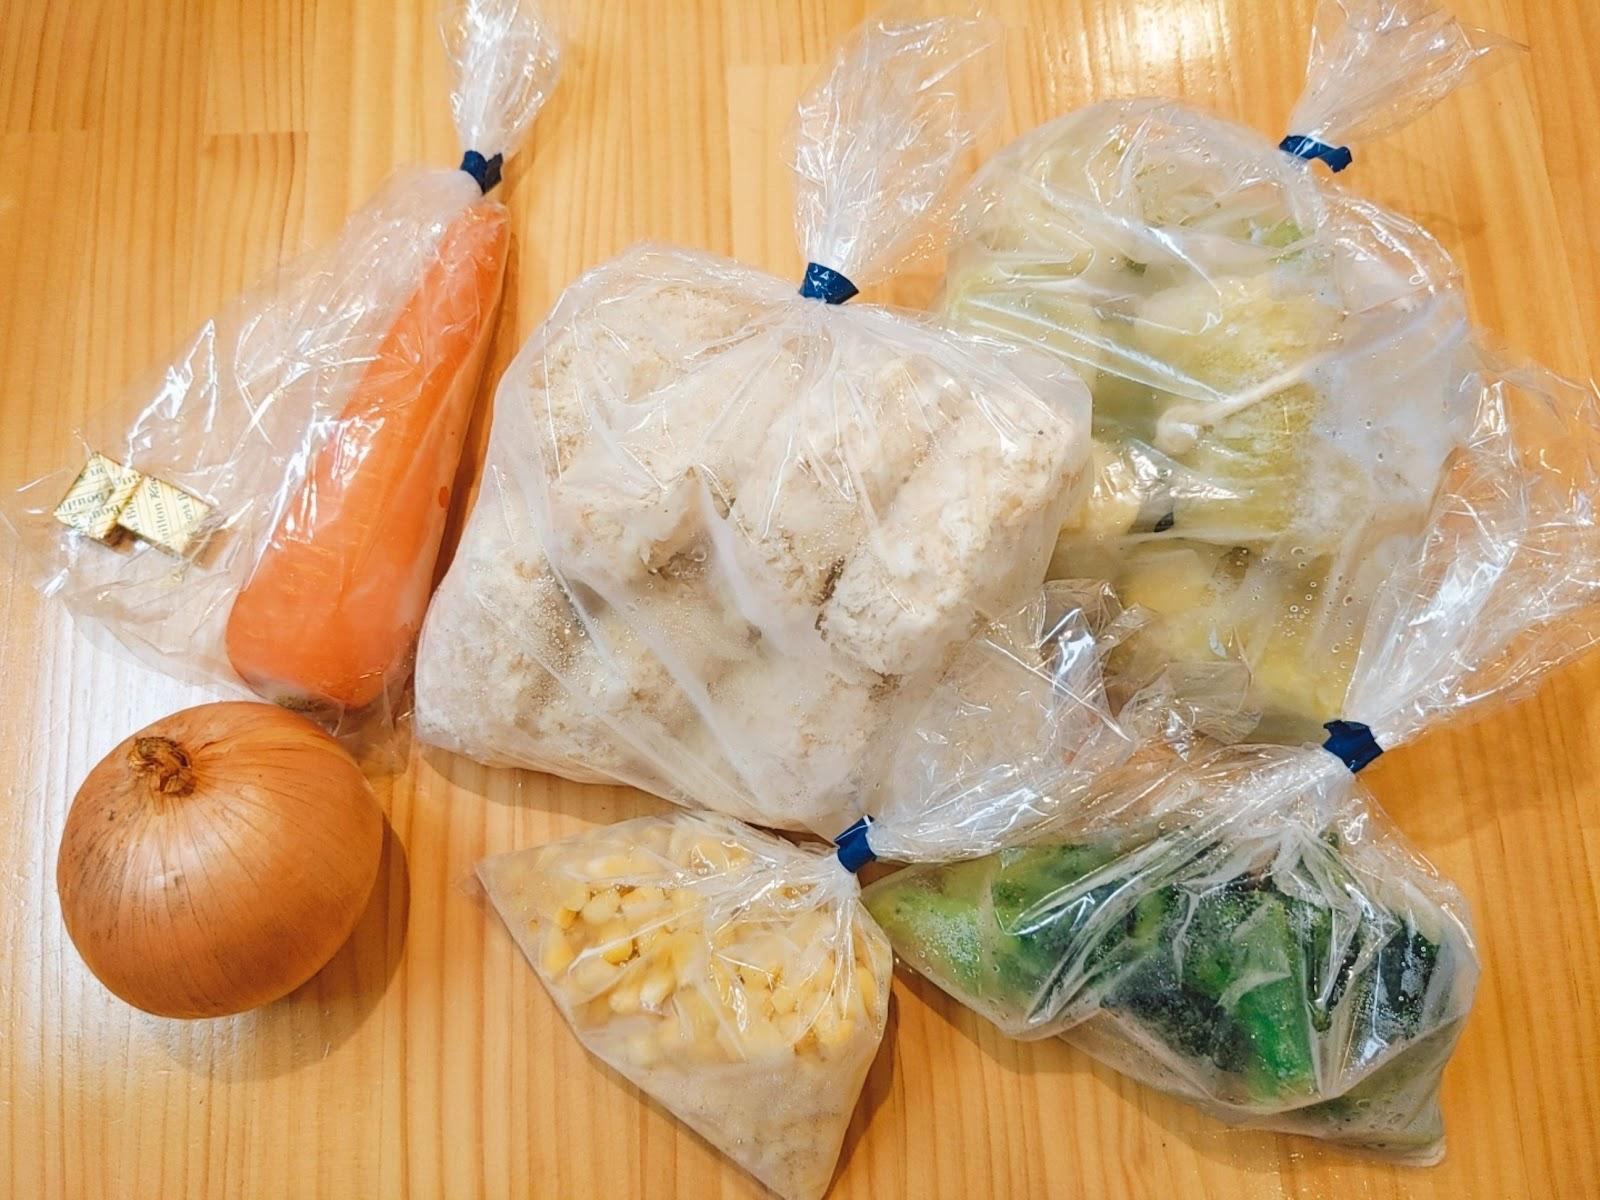 浜松の食材宅配サービスならサンクック *ママレポ*子どもからのリクエスト。自力で作ったら途中でくじけそうだから、サンクックで作って大正解!